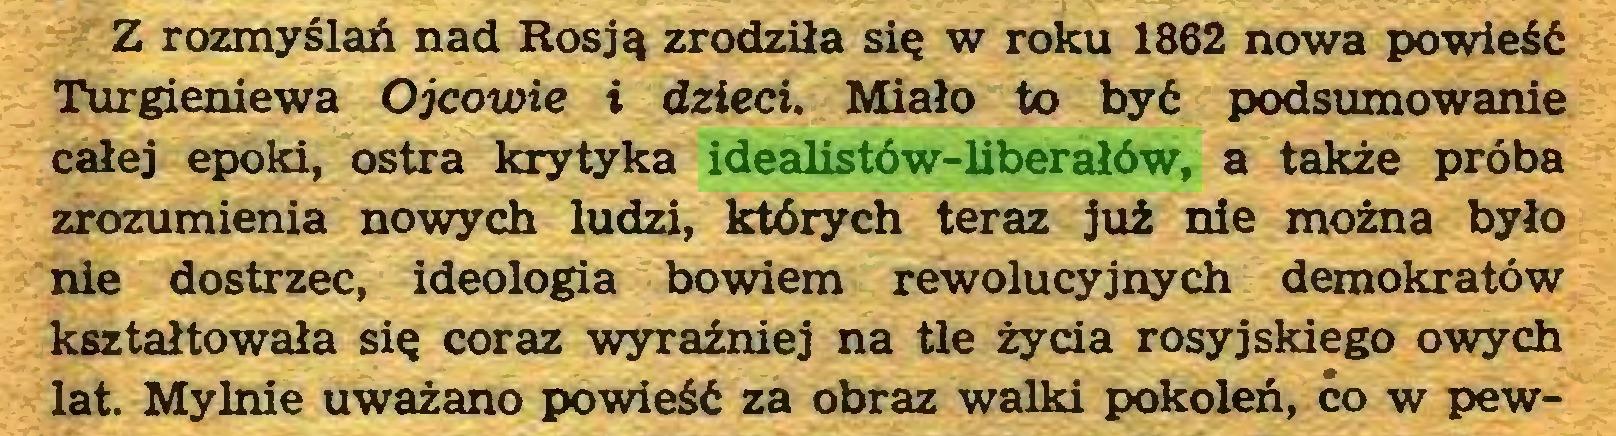 (...) Z rozmyślań nad Rosją zrodziła się w roku 1862 nowa powieść Turgieniewa Ojcowie i dzieci. Miało to być podsumowanie całej epoki, ostra krytyka idealistów-liberałów, a także próba zrozumienia nowych ludzi, których teraz już nie można było nie dostrzec, ideologia bowiem rewolucyjnych demokratów kształtowała się coraz wyraźniej na tle życia rosyjskiego owych lat. Mylnie uważano powieść za obraz walki pokoleń, co w pew...